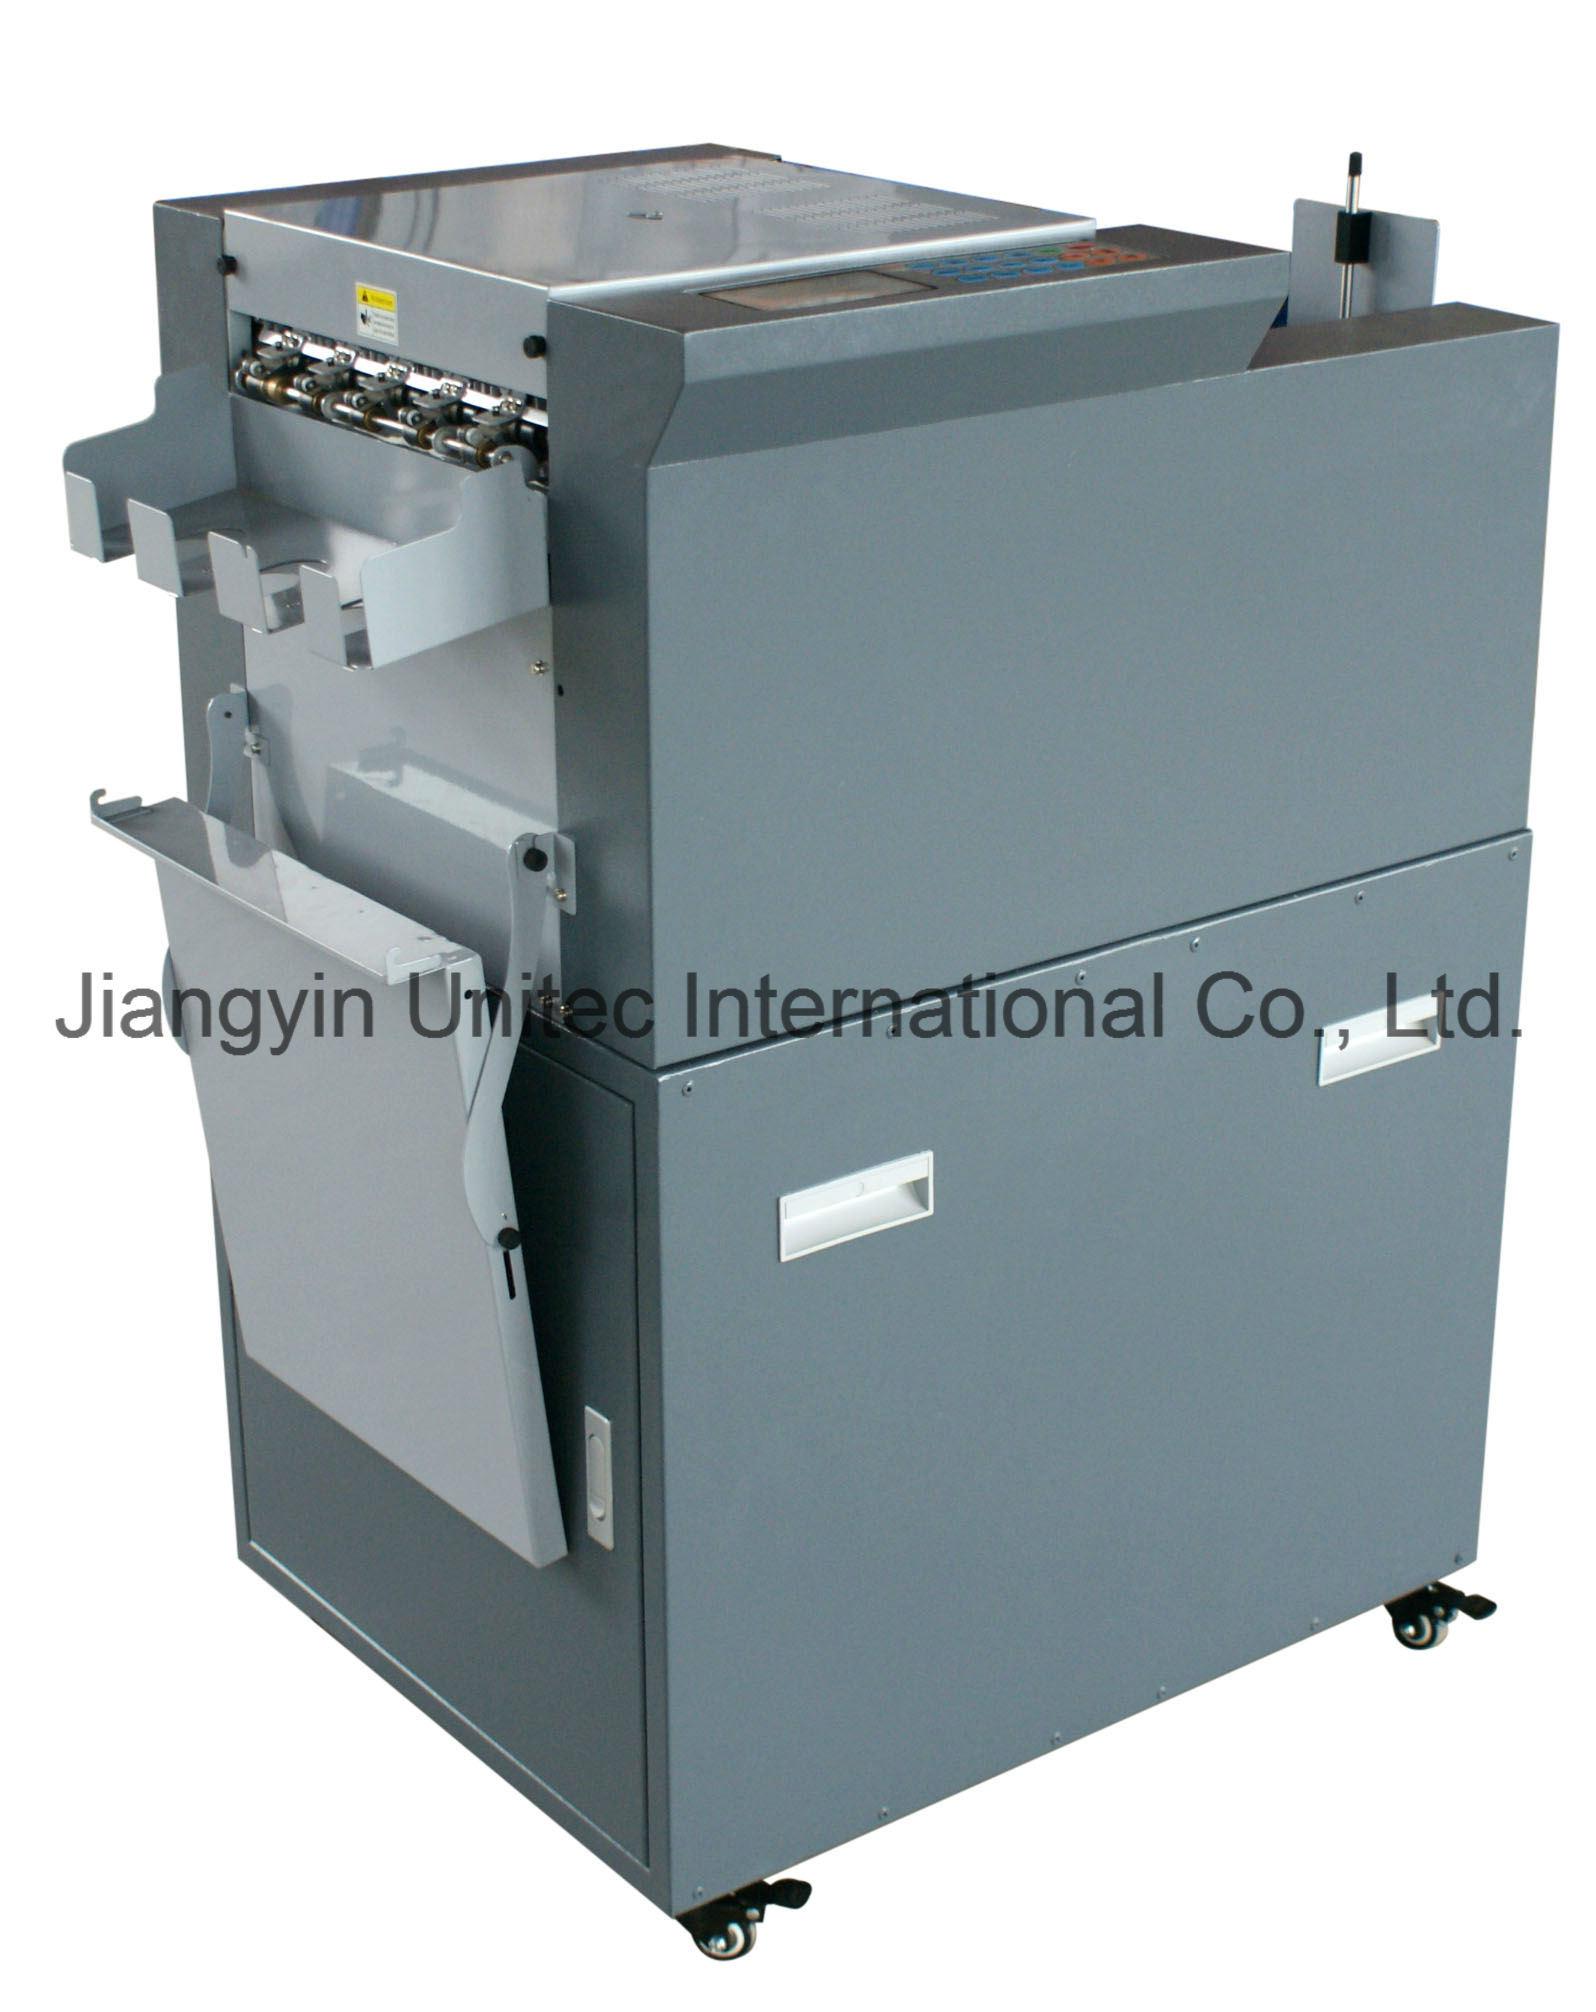 High Speed Automatic Business Card Slitter Cutter Machine Ssa-005